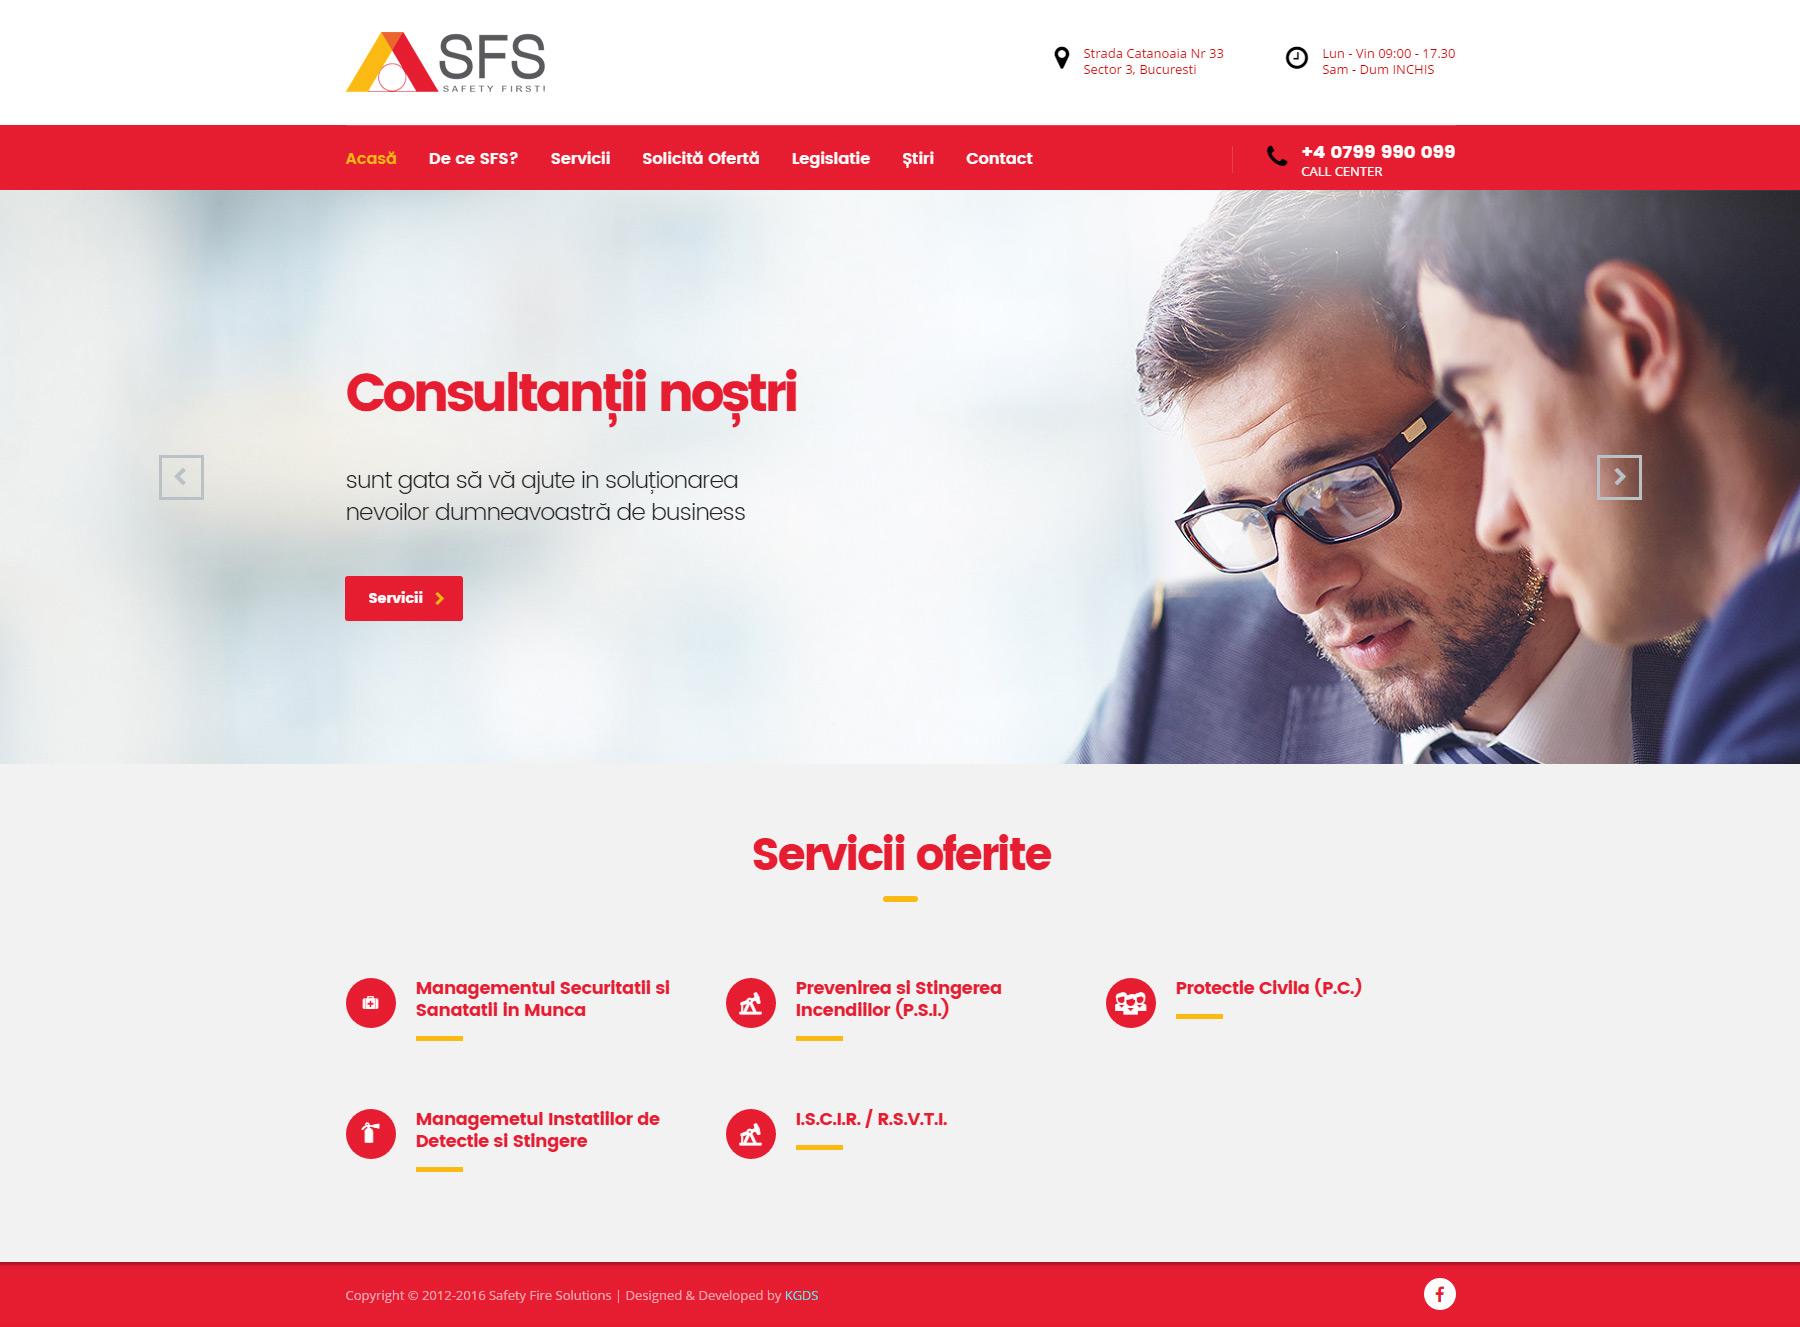 kgds.ro-project-sfs-romania-sfs-romania.ro